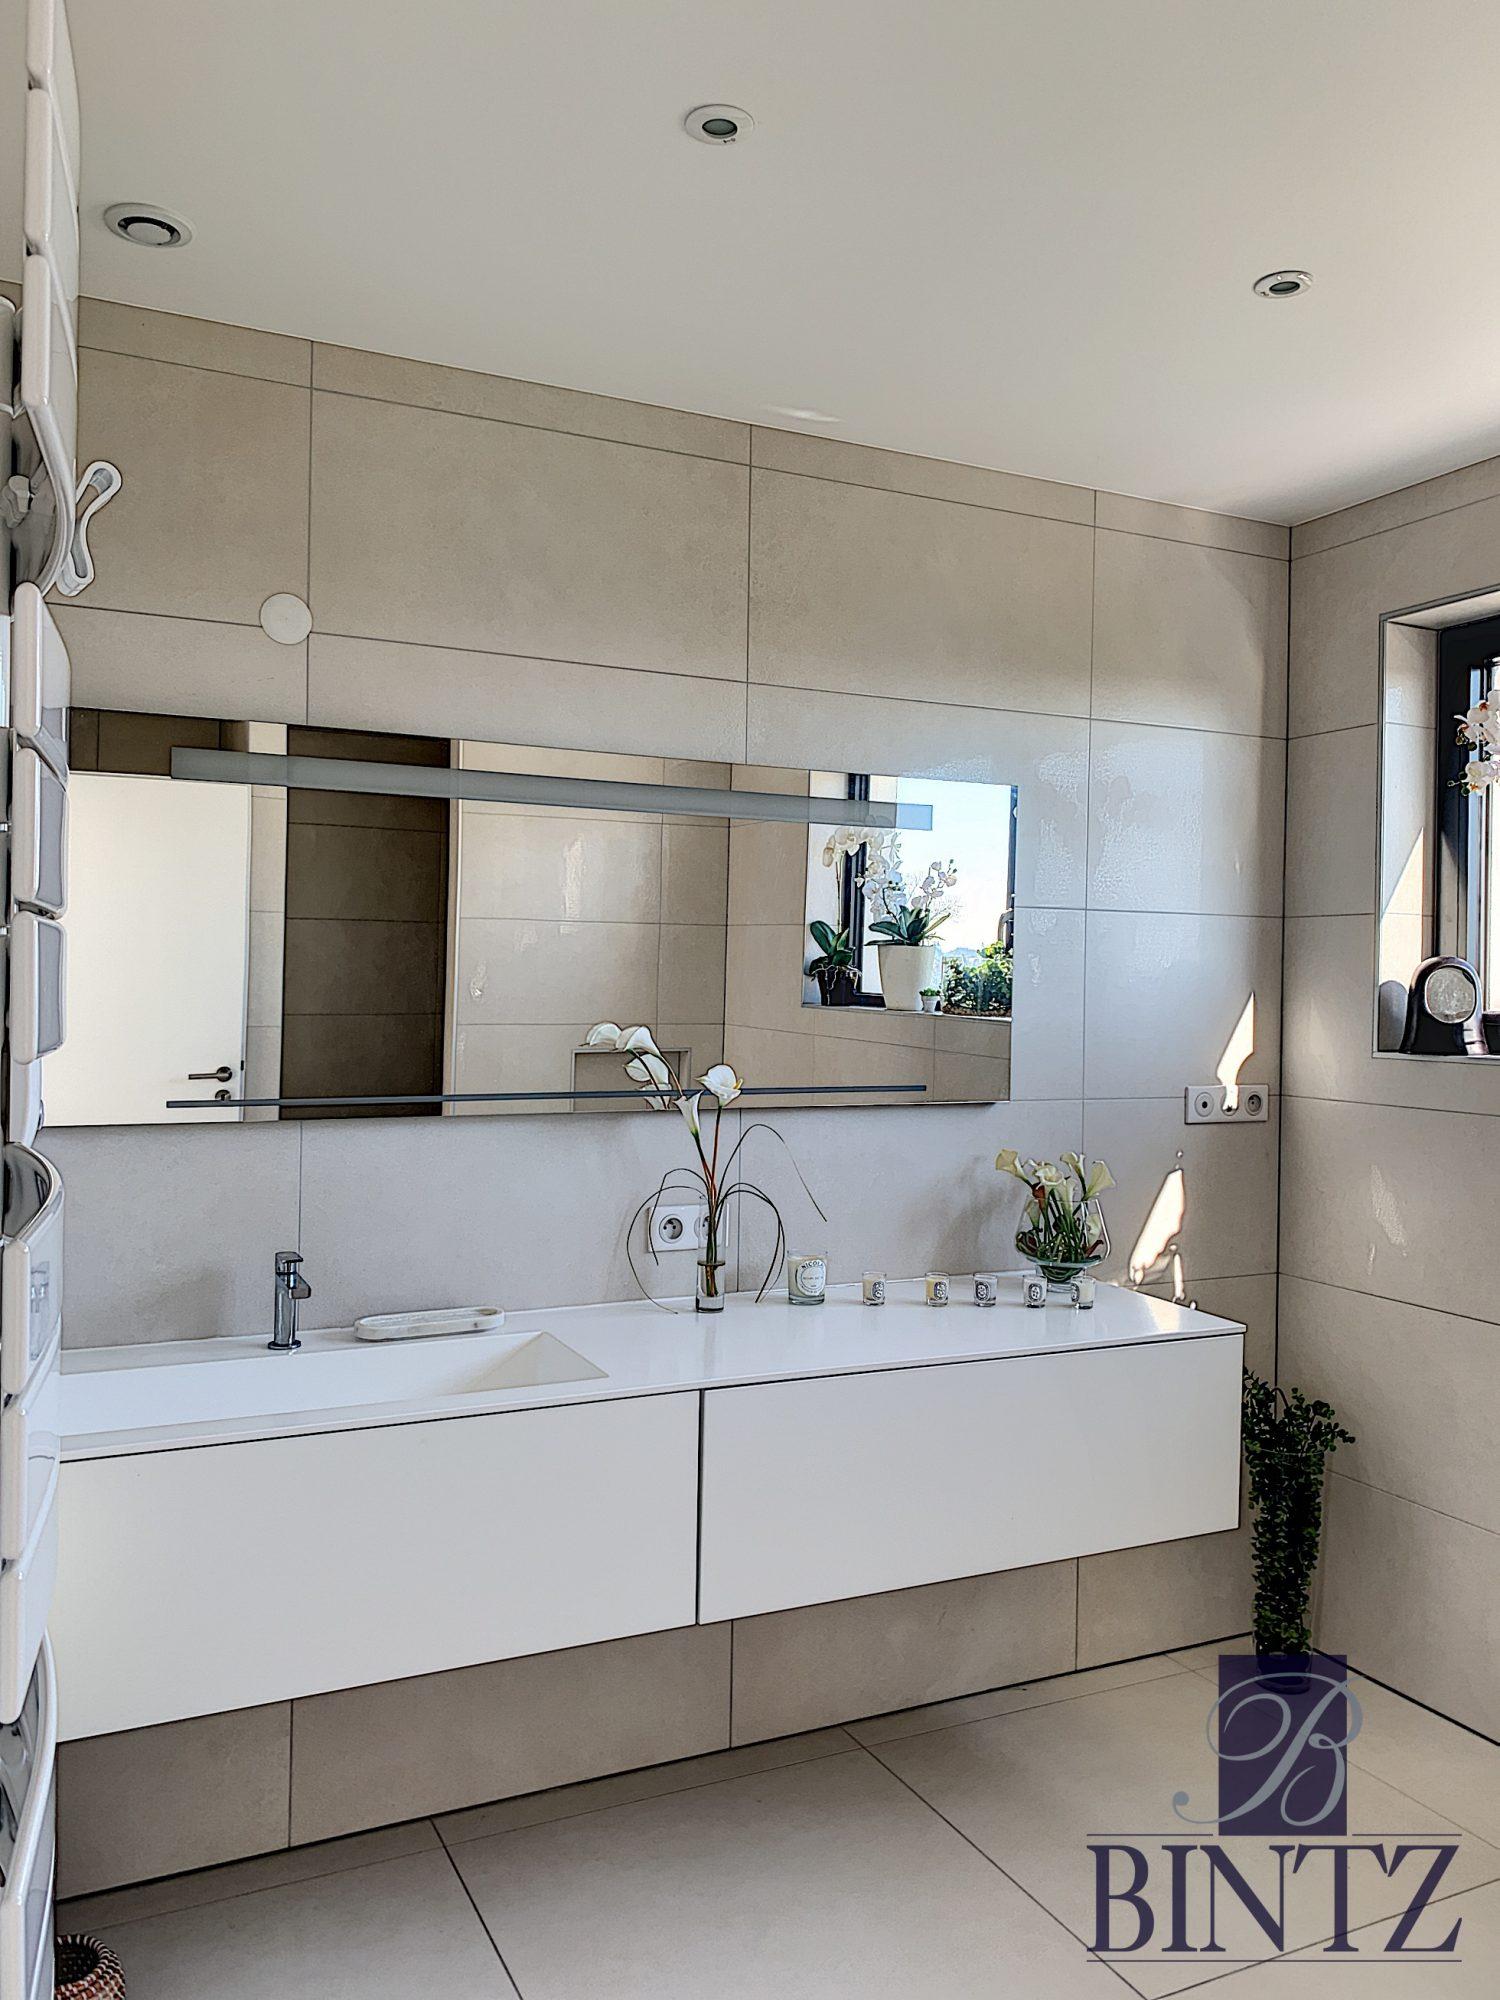 Villa contemporaine au coeur du Kochersberg - Devenez propriétaire en toute confiance - Bintz Immobilier - 11